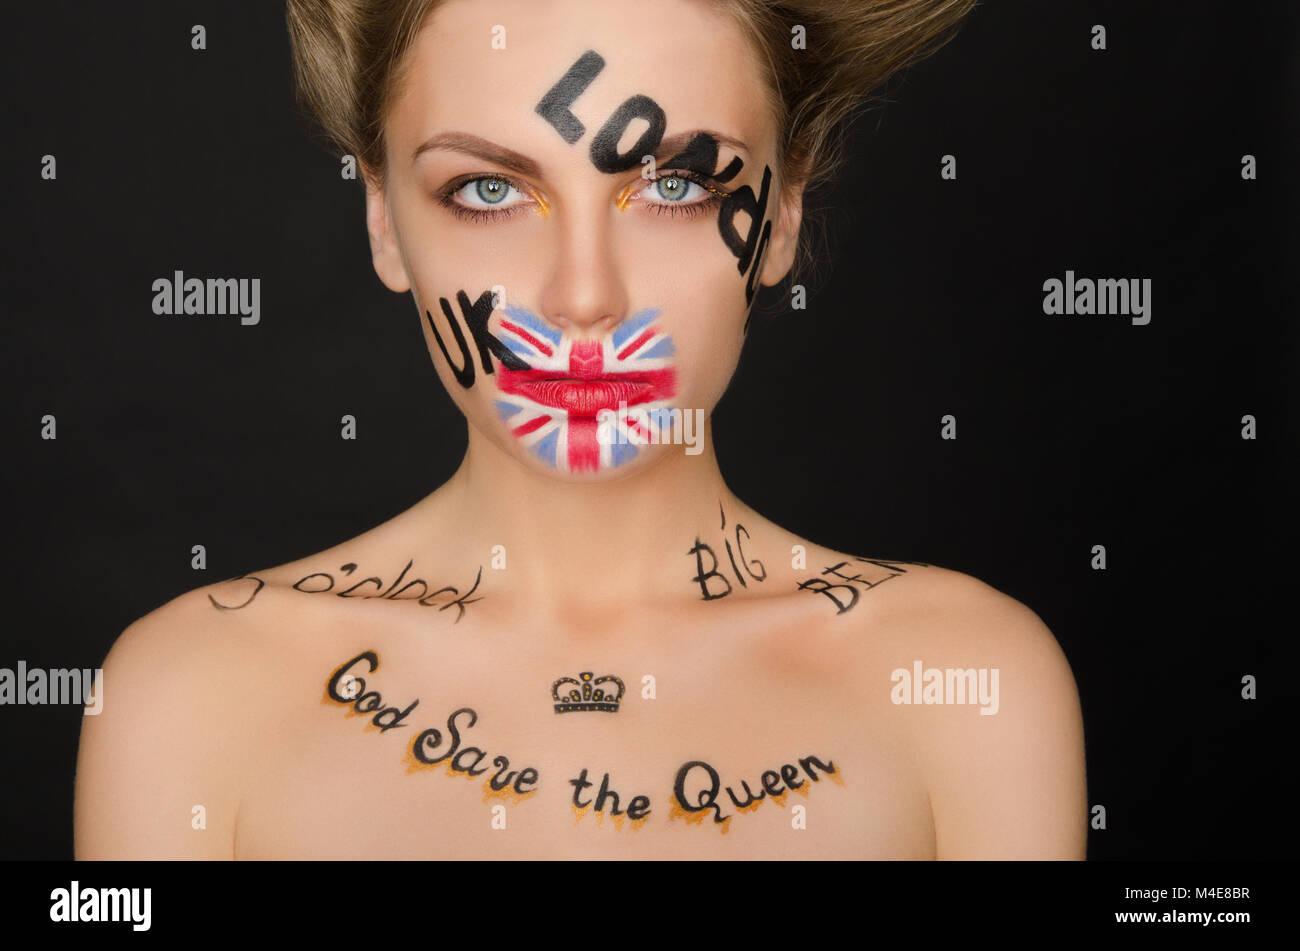 Ritratto di donna con simboli in inglese sul suo viso Immagini Stock